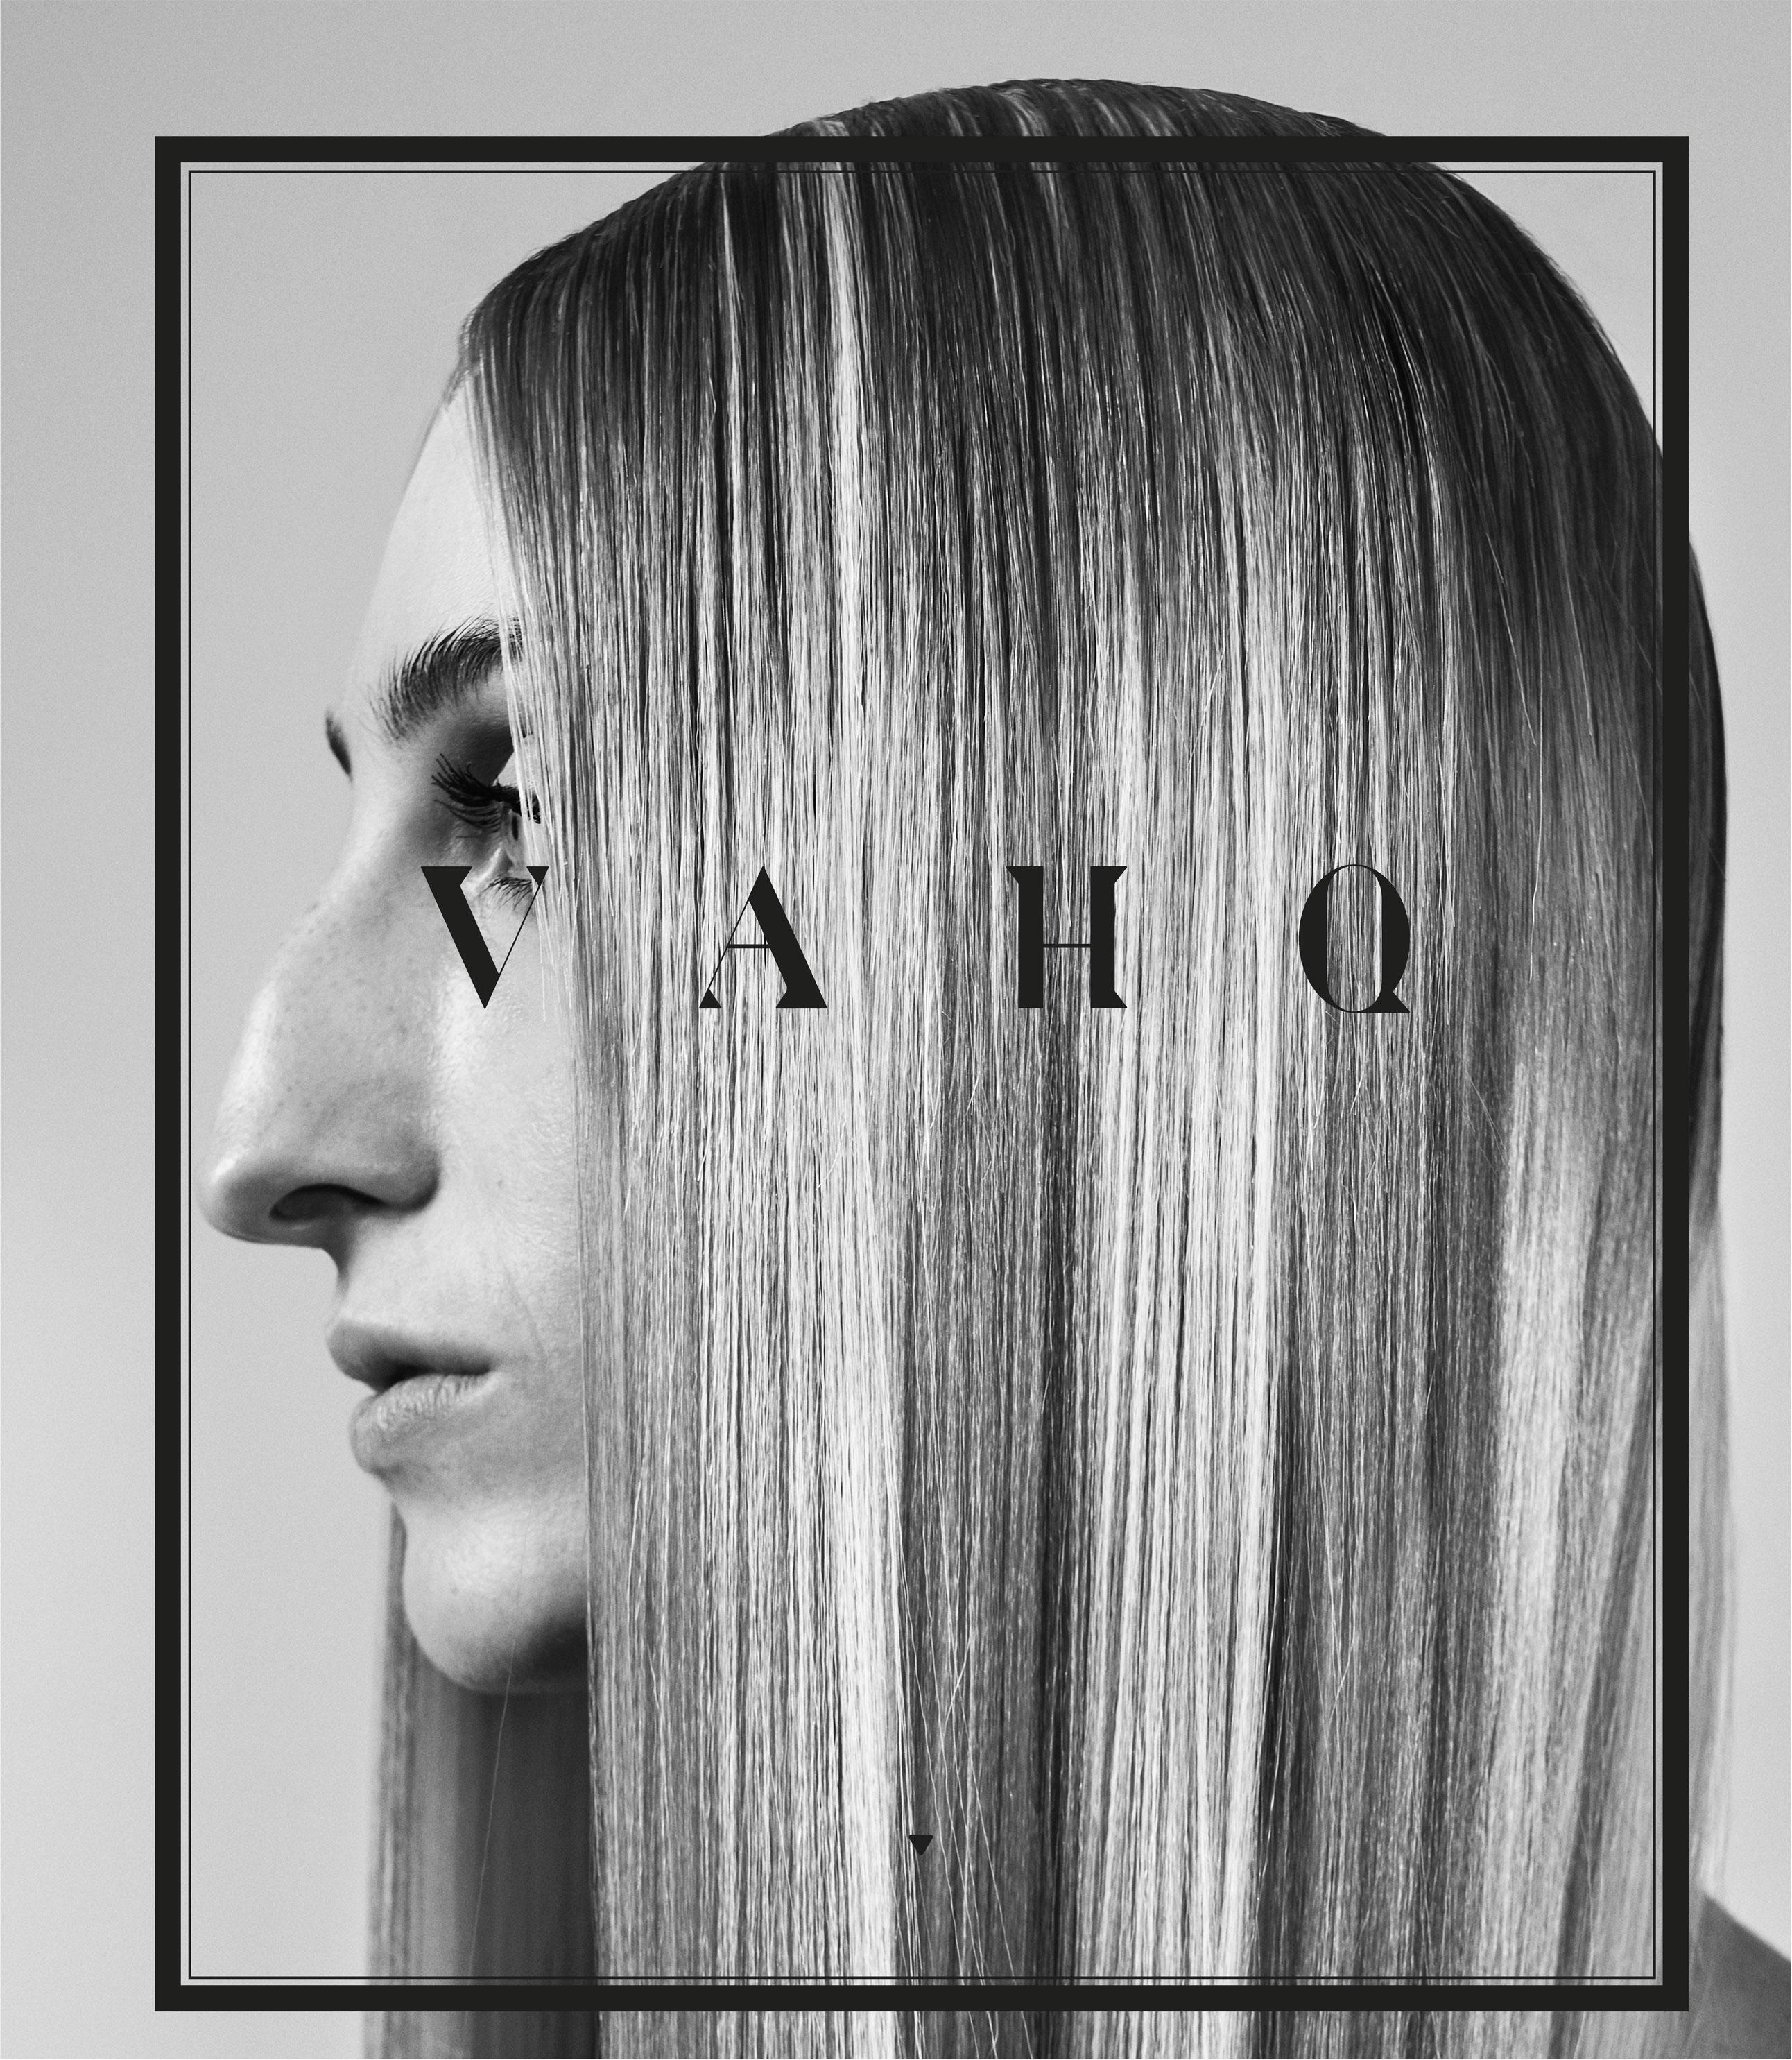 VAHQ by Loes | Barrie Hullegie | Sogoodtowear | Judith Neyens | Daan Kneppers